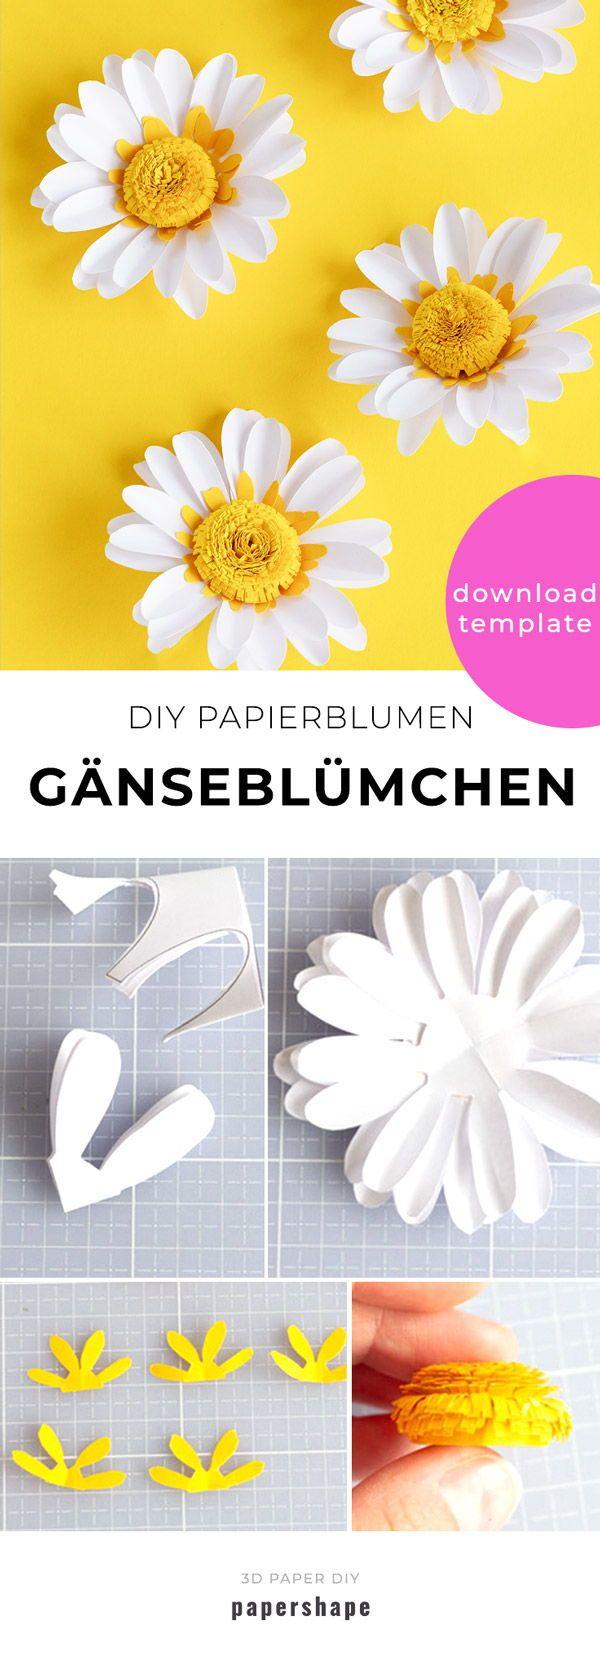 Gänseblümchen basteln: 3 frühlingshafte DIY-Ideen   – Basteln mit Papier – Papershape Vorlagen